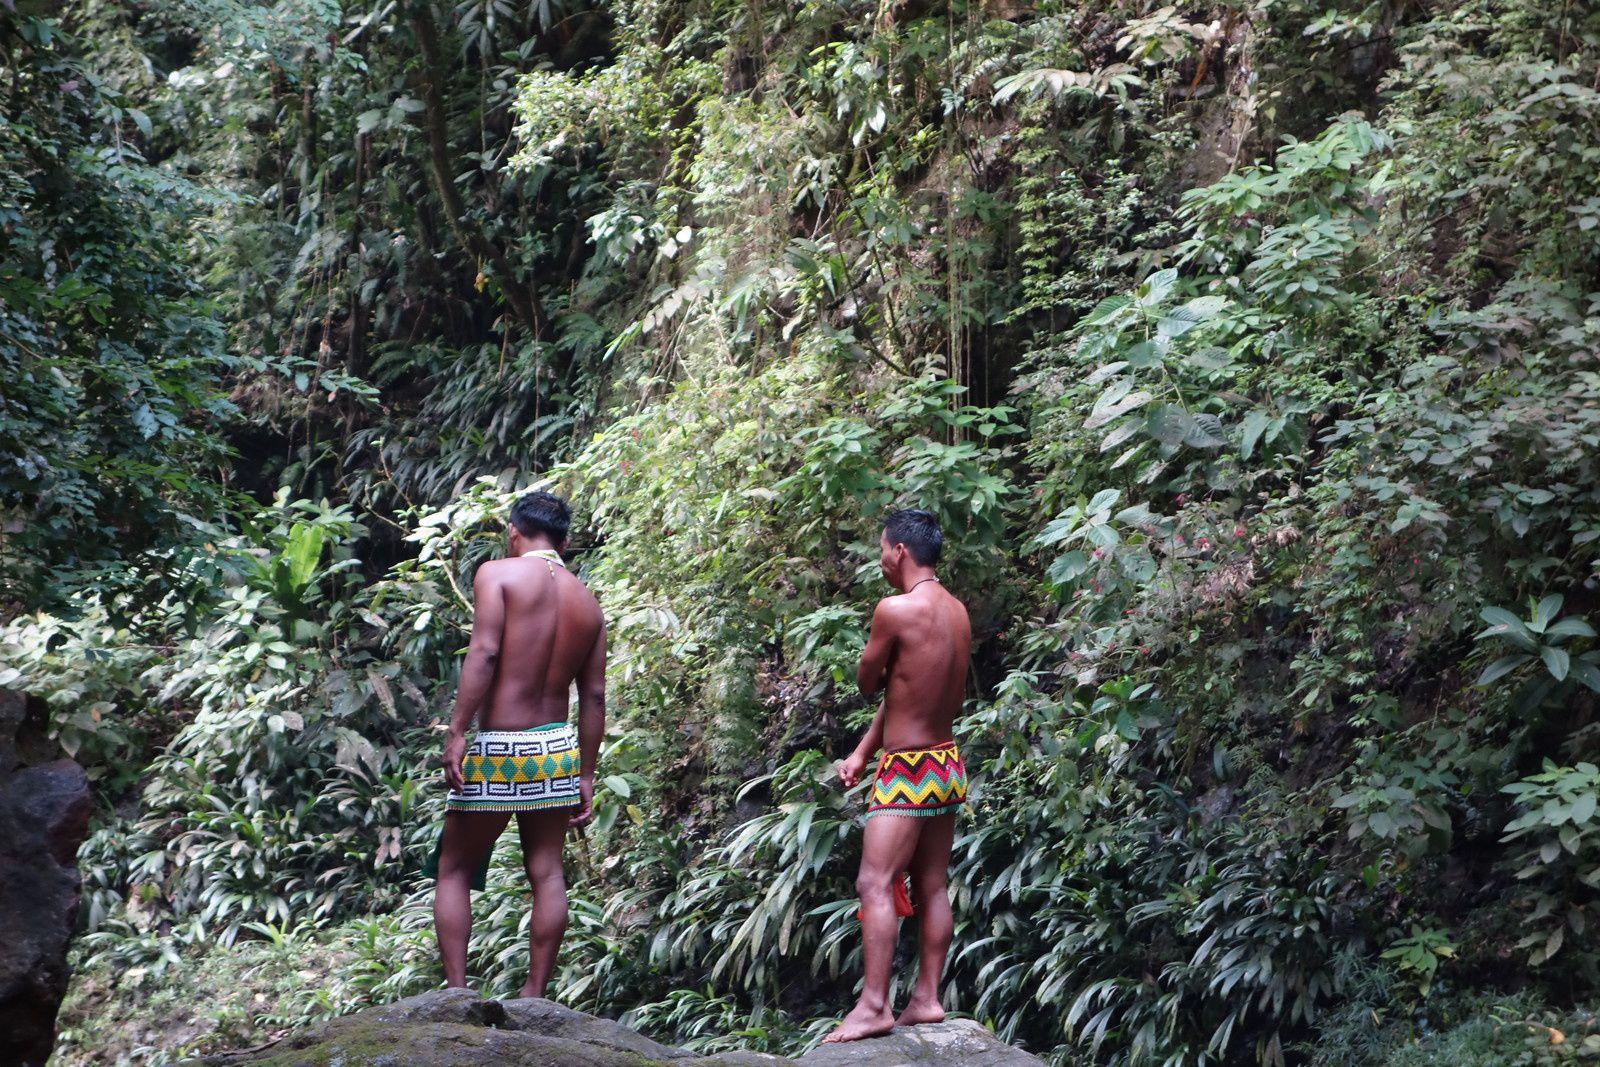 PANAMA (Embera, Panama City, Casco Viejo, canal du Panama, Iles San blas, Anton El Vale) 🇵🇦